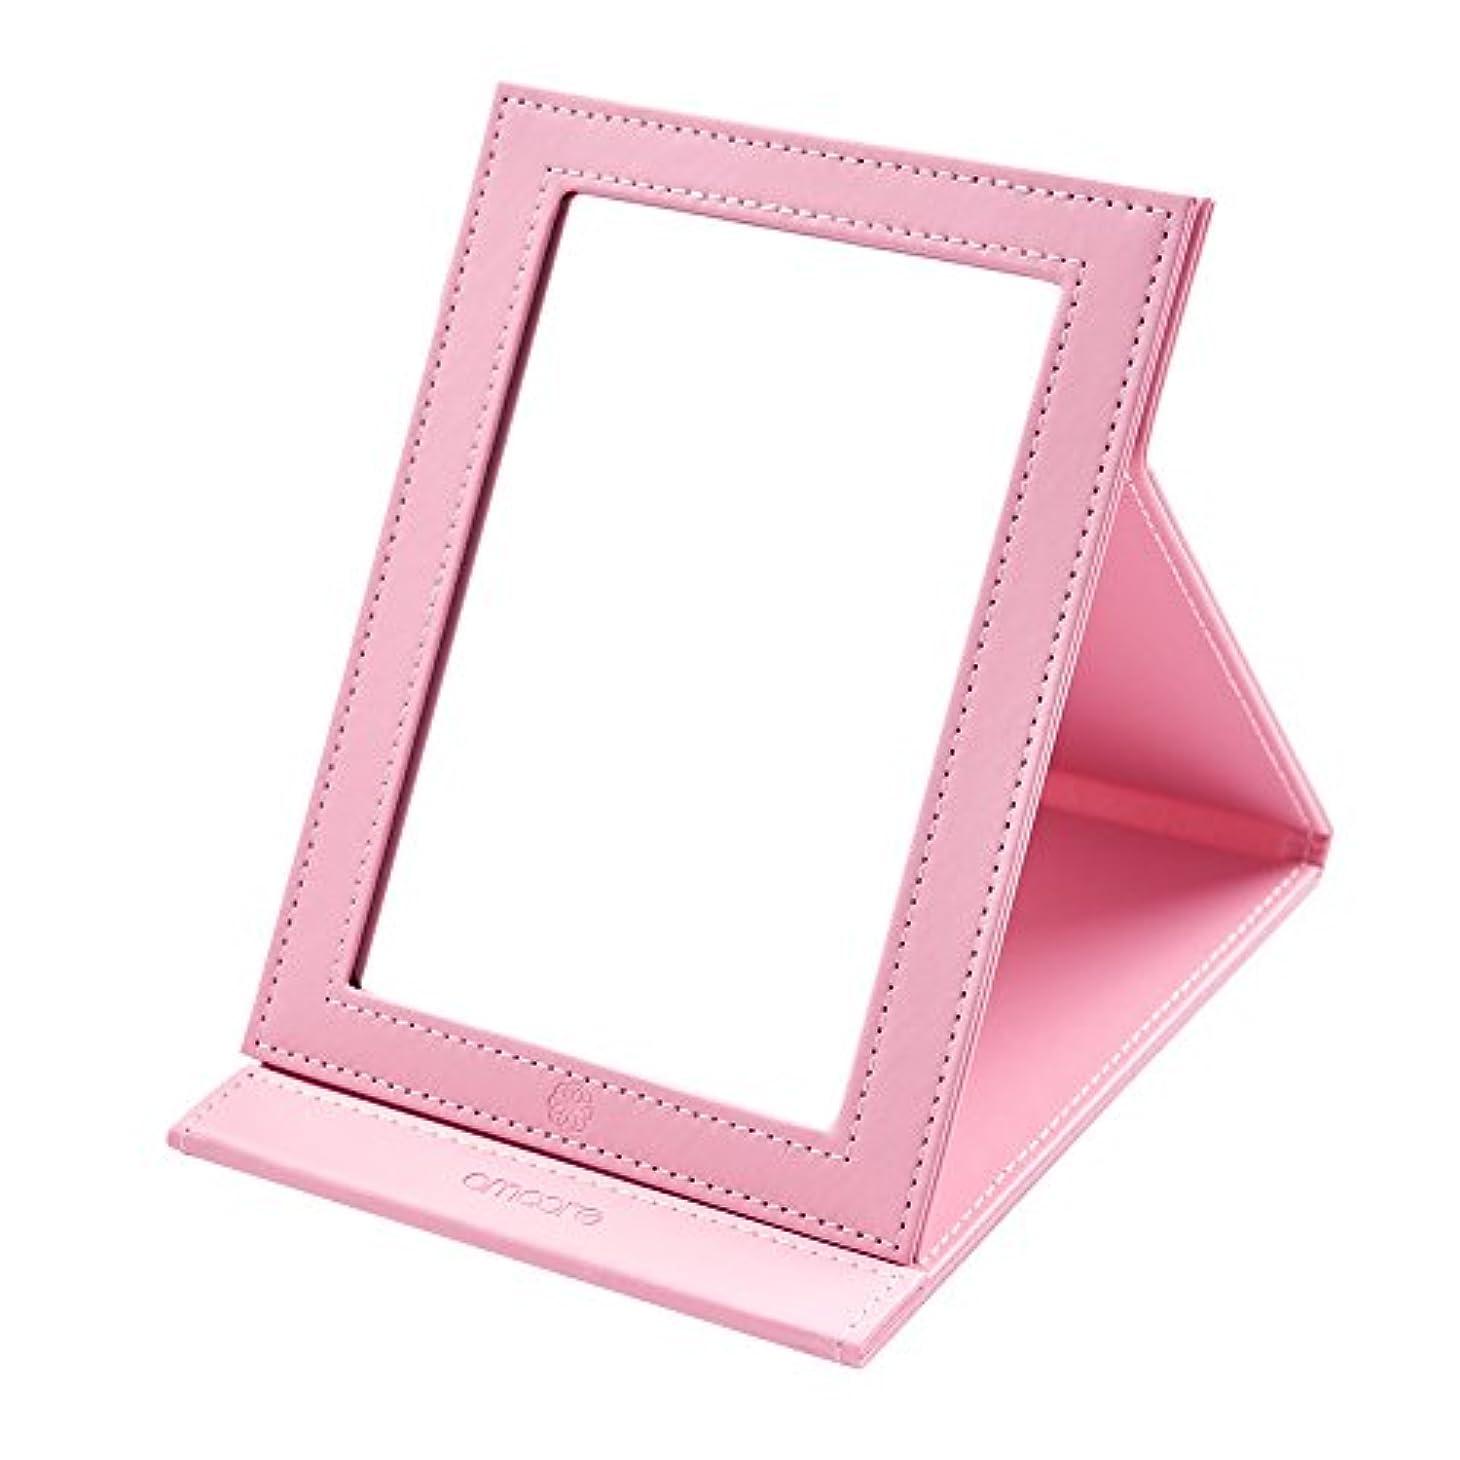 仮装破産誇大妄想amoore 化粧鏡 卓上スタンドミラー 折りたたみミラー 角度調整 上質PUレザー使用 (ビッグ, ピンク)